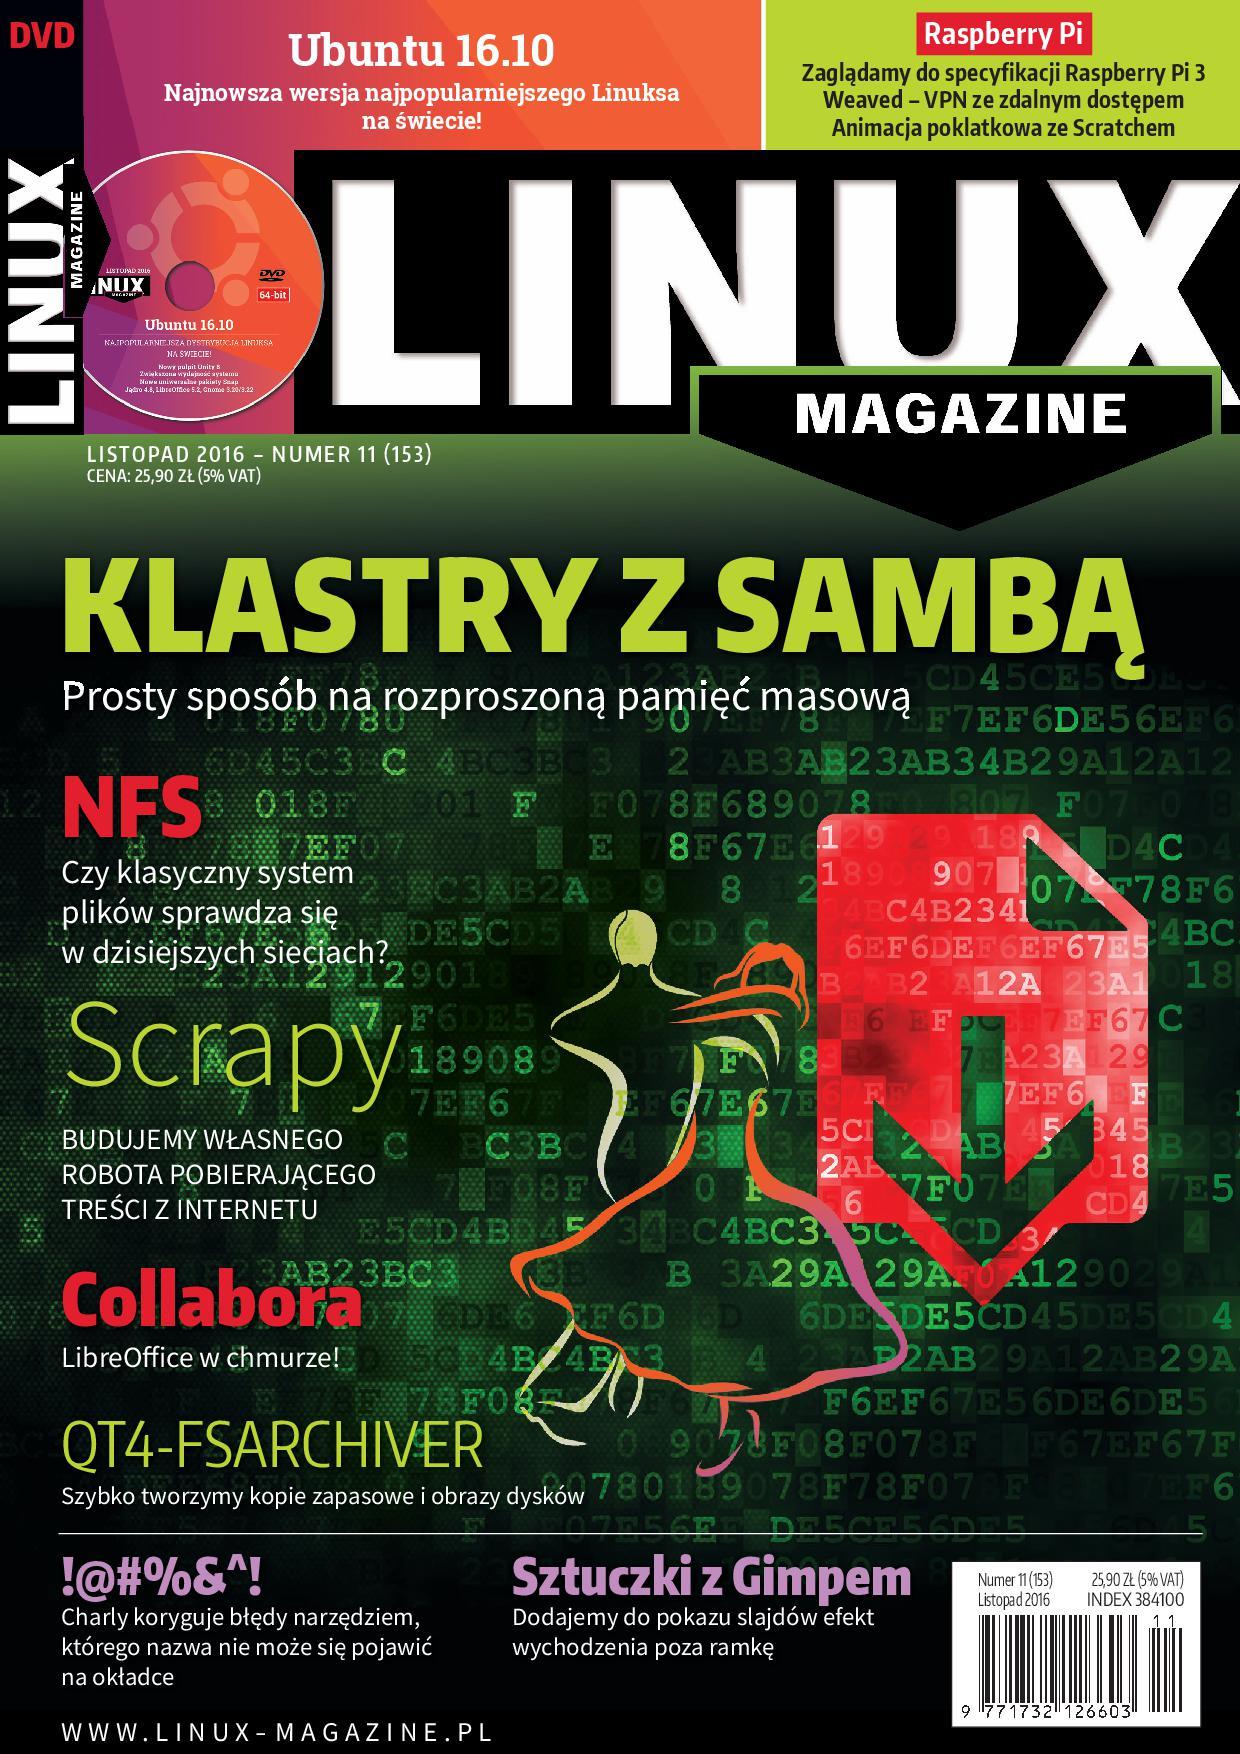 Linux Magazine - numer 153